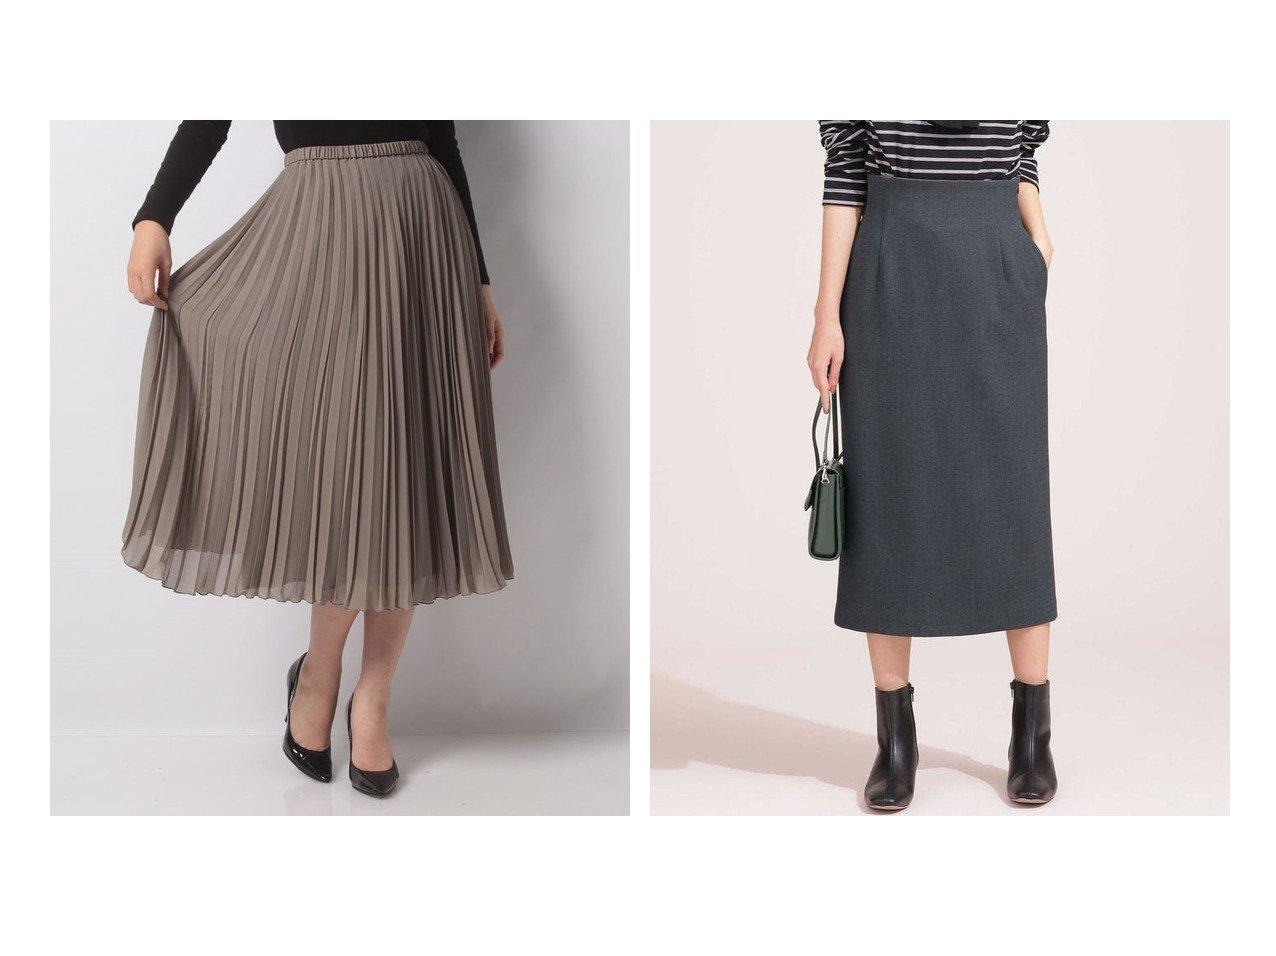 【LEILIAN/レリアン】のプリーツロングシフォンスカート&【nano universe/ナノ ユニバース】のペンシルスカート スカートのおすすめ!人気、レディースファッションの通販 おすすめで人気のファッション通販商品 インテリア・家具・キッズファッション・メンズファッション・レディースファッション・服の通販 founy(ファニー) https://founy.com/ ファッション Fashion レディース WOMEN スカート Skirt プリーツスカート Pleated Skirts Aライン/フレアスカート Flared A-Line Skirts フィット プリーツ 秋冬 A/W Autumn/ Winter ウォッシャブル シンプル ストレッチ スリット タイトスカート ペンシル |ID:crp329100000001491